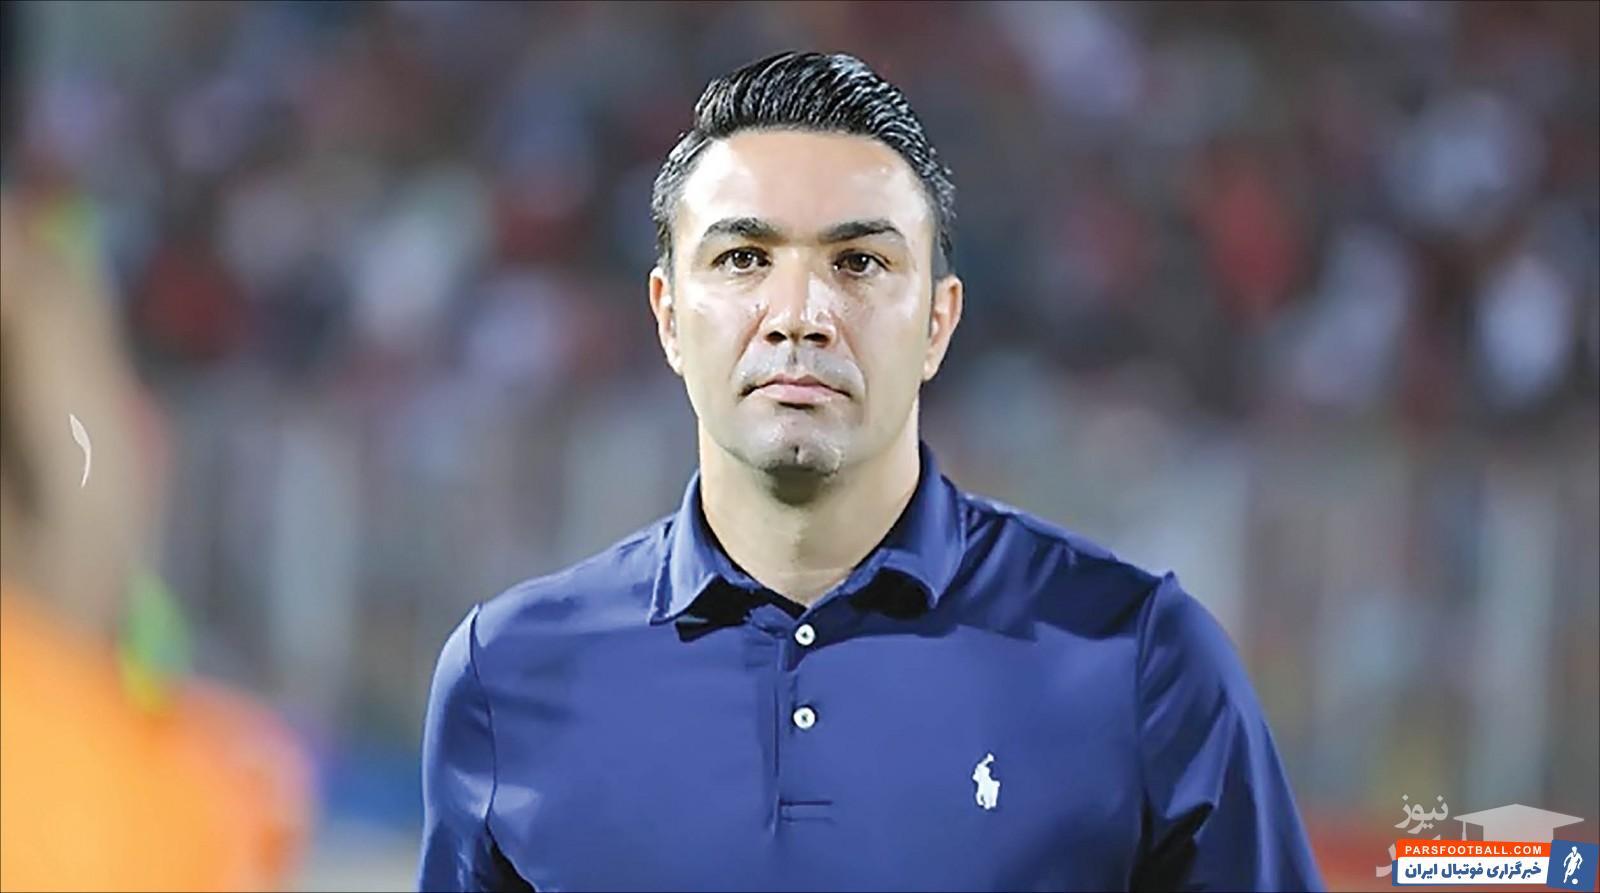 جواد نکونام ، سرمربی تیم فولاد خوزستان گفت : داور بازی ما با پرسپولیس برنده بازی بود و قضاوت فوق العاده ای داشت و بی نقص داوری کرد.